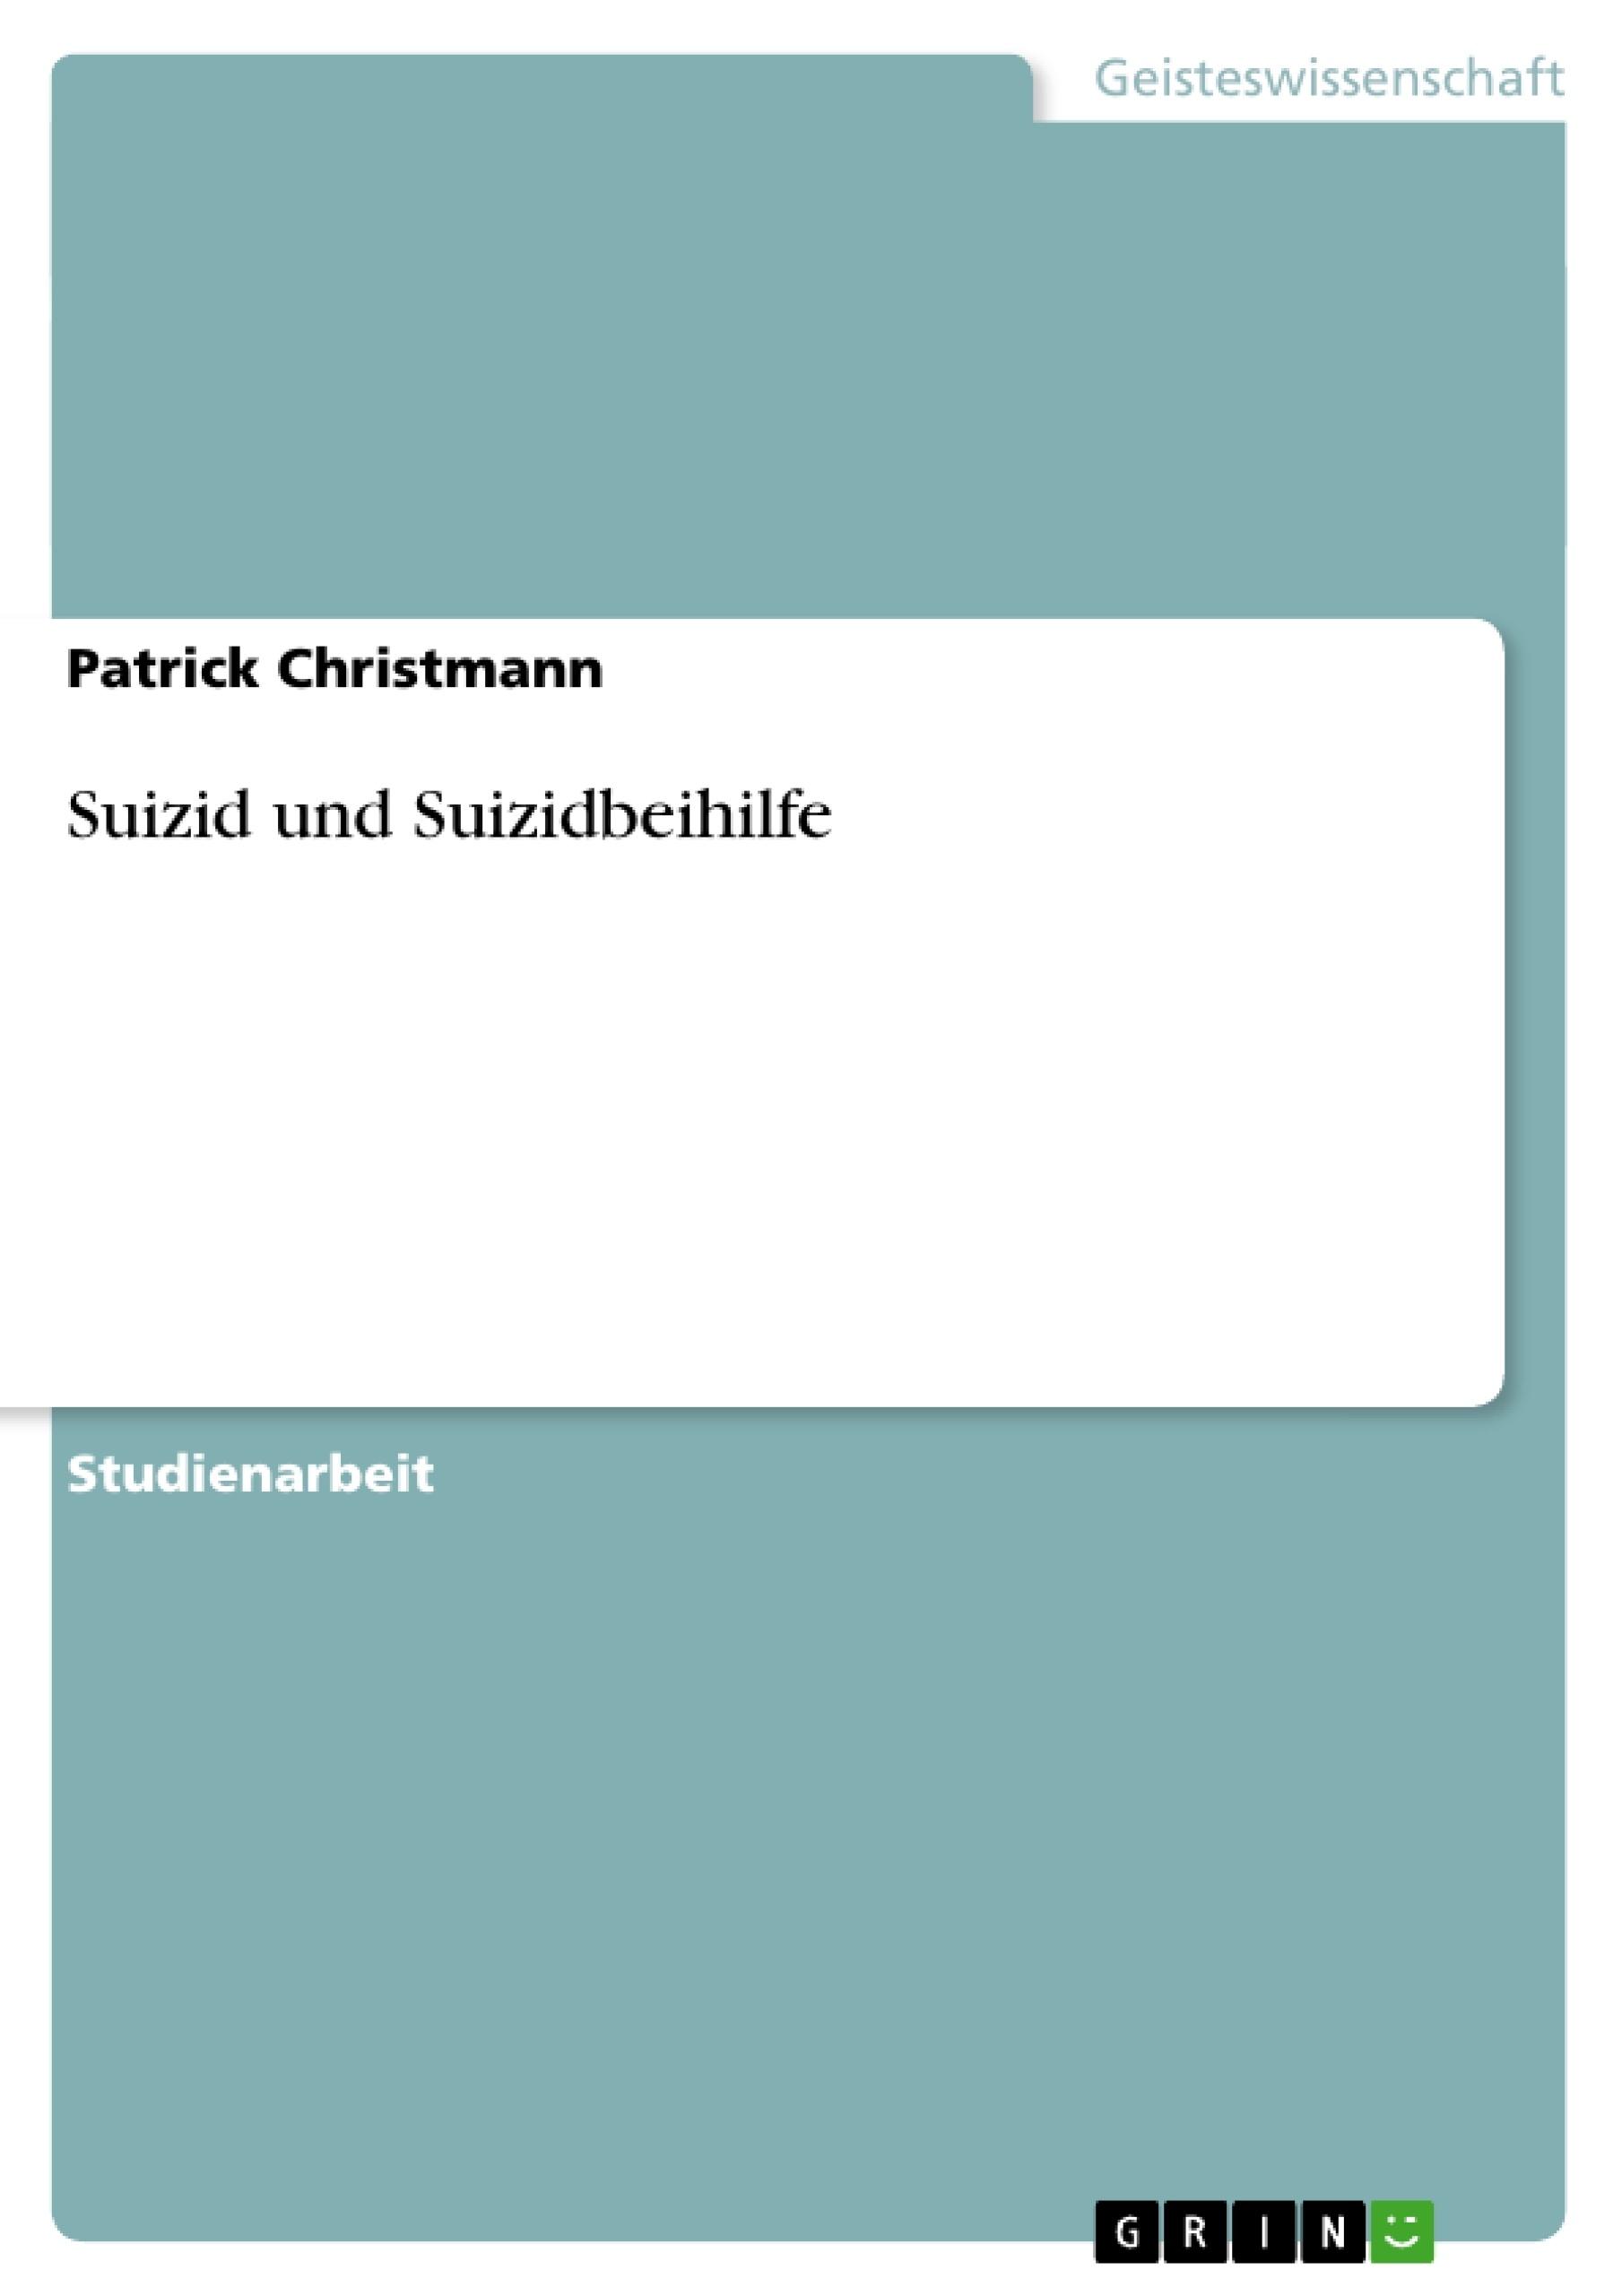 Titel: Suizid und Suizidbeihilfe